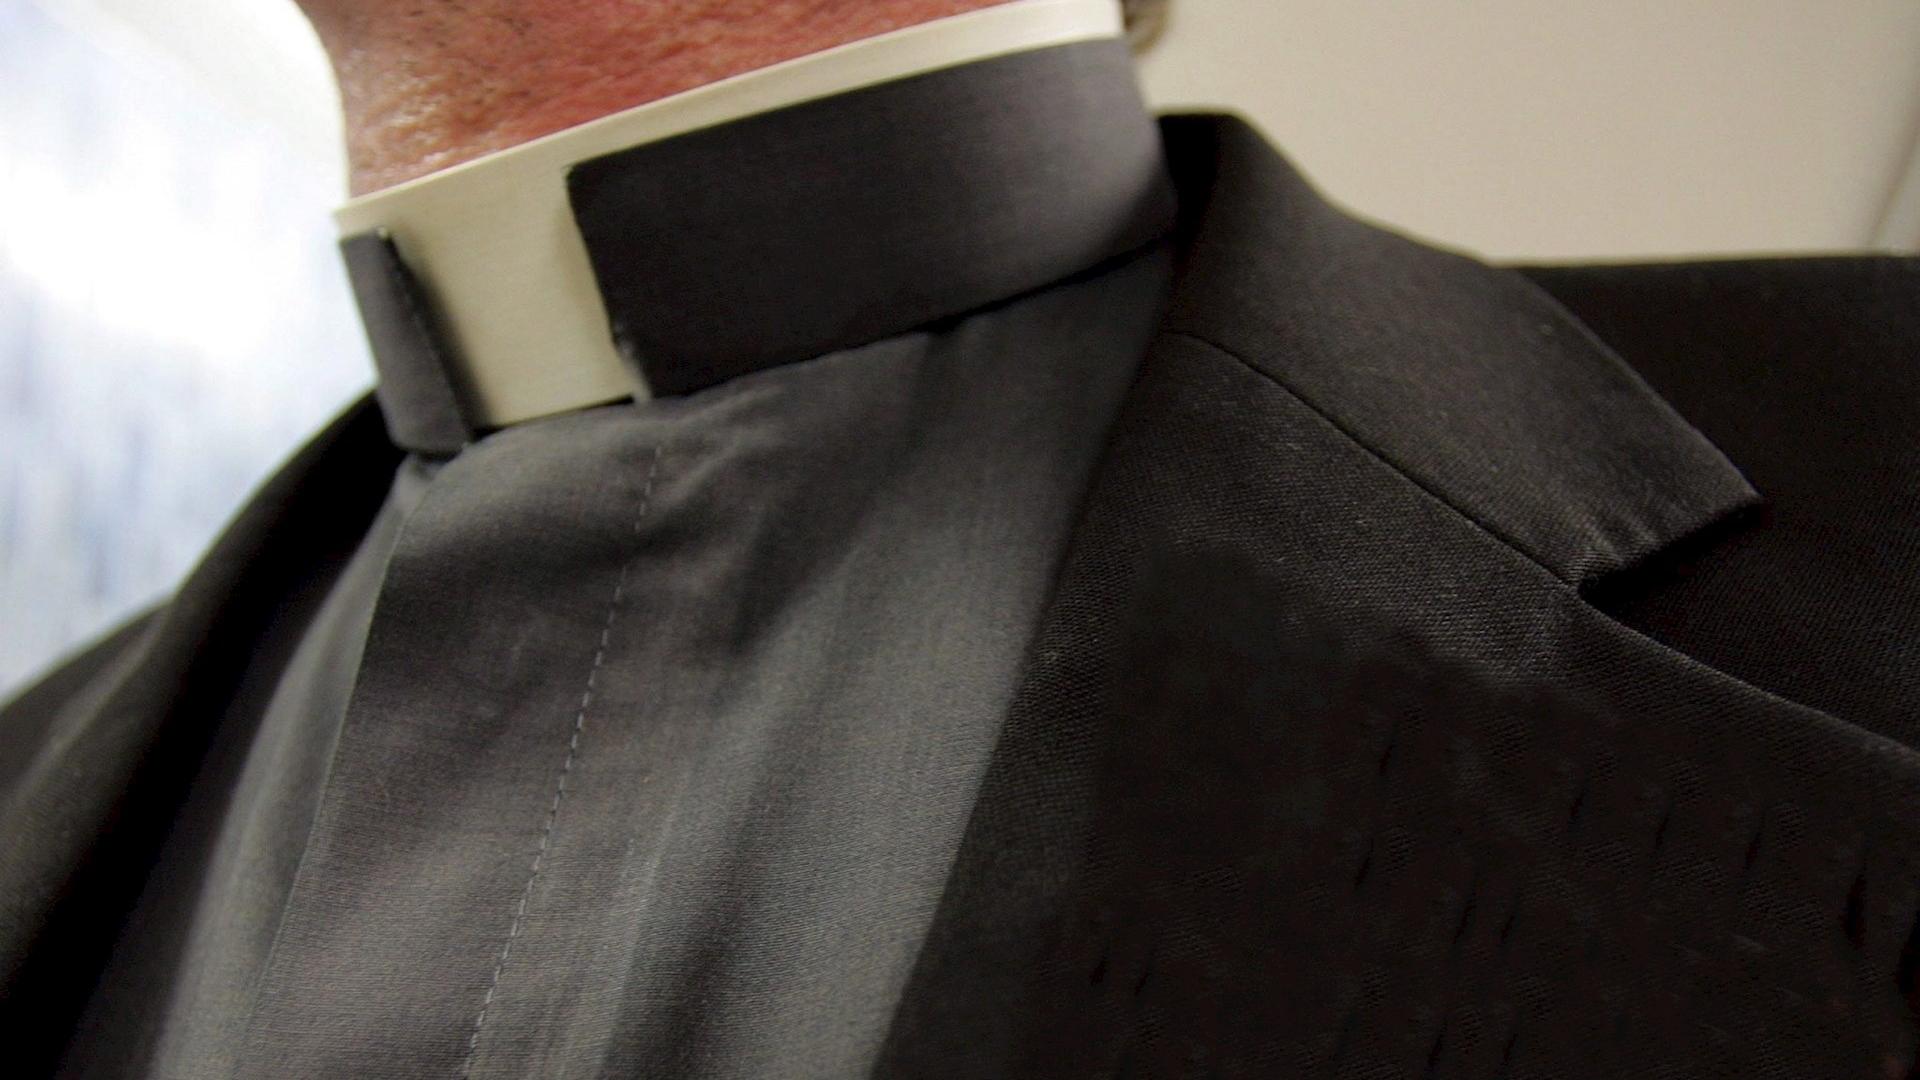 Cura sacerdote padre religión Colombia